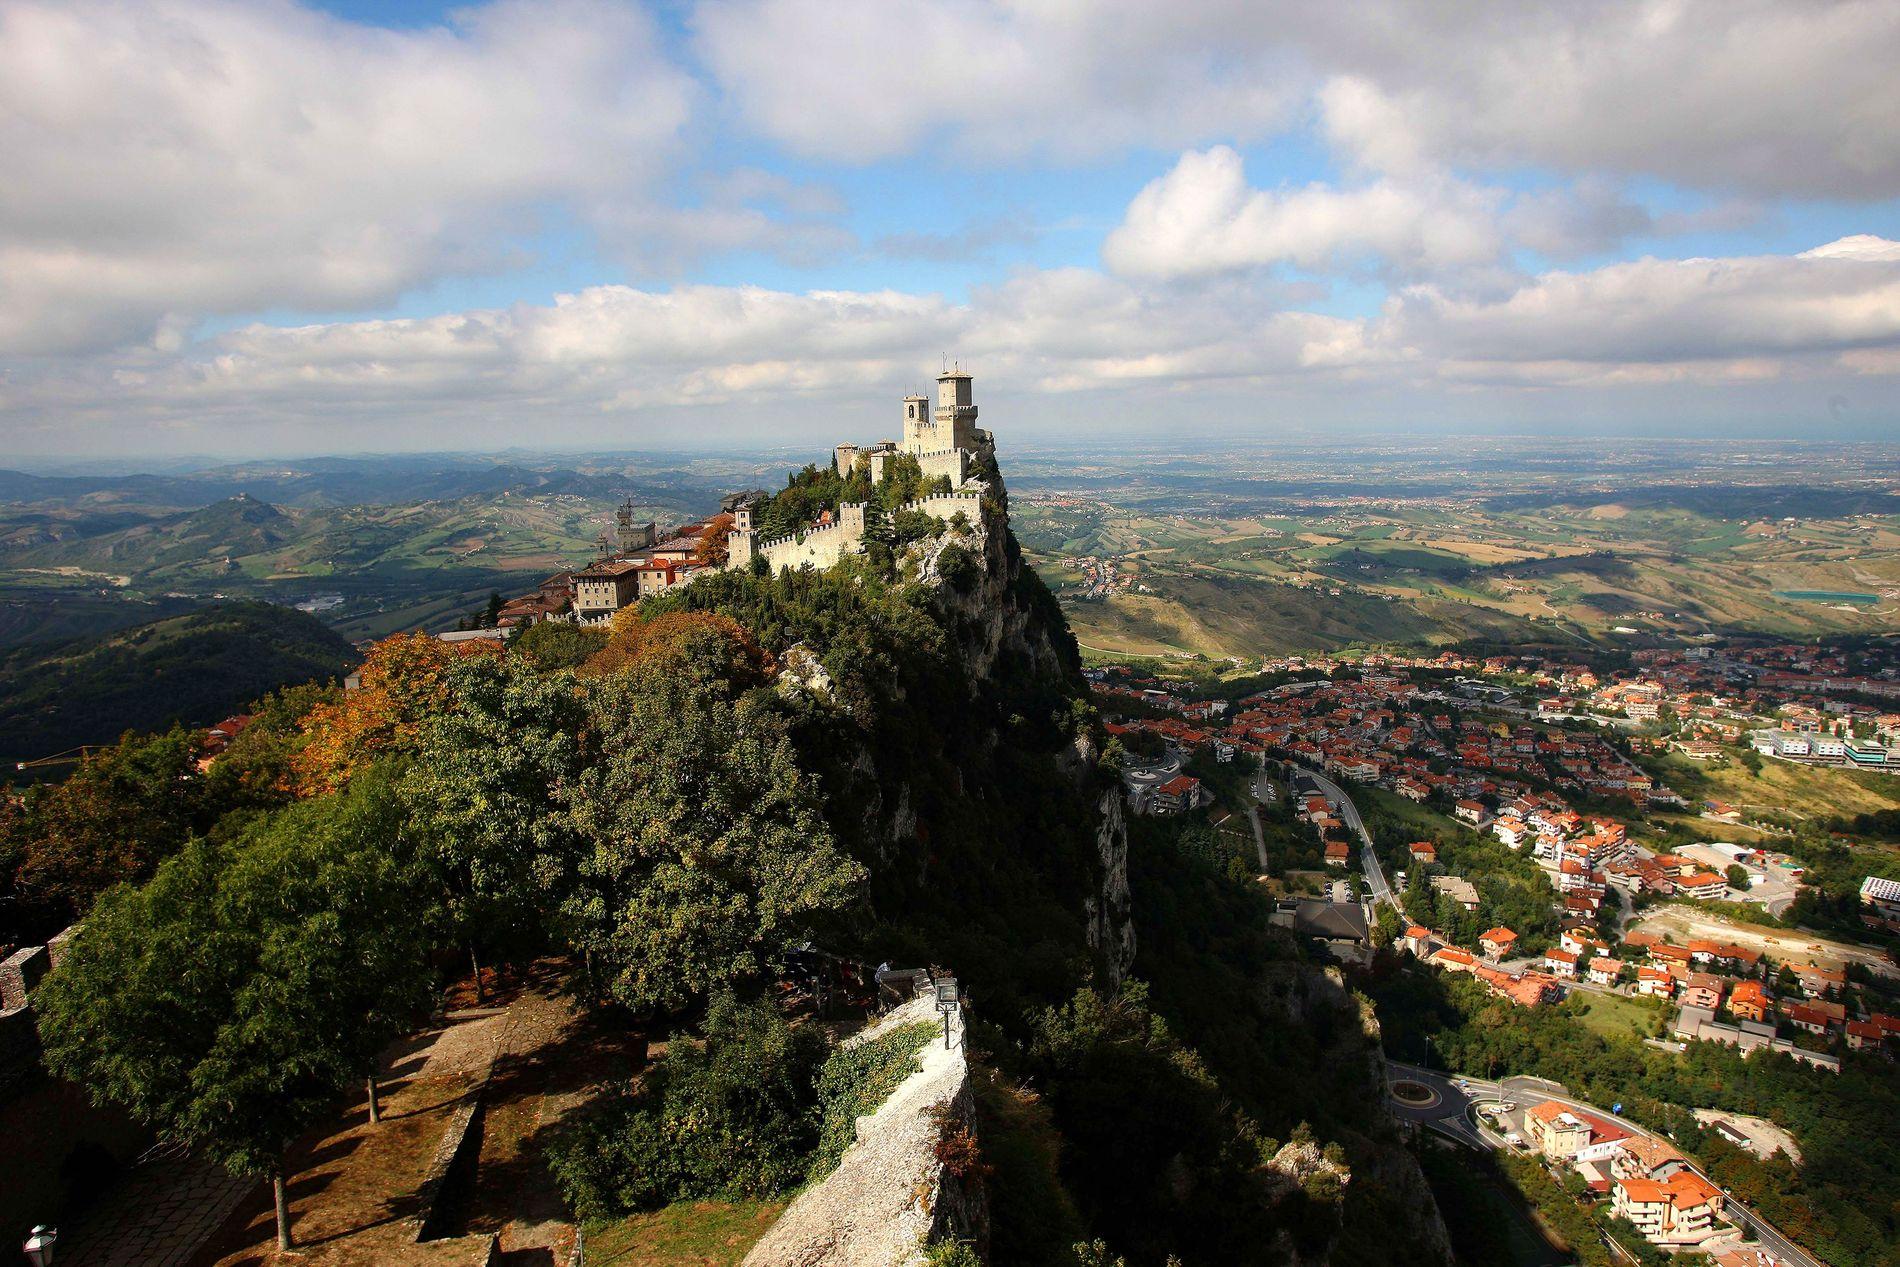 Avec une superficie de 61.2 km², Saint-Marin est un micro-État niché sur une falaise et offrant une vue dégagée sur toute l'Italie.